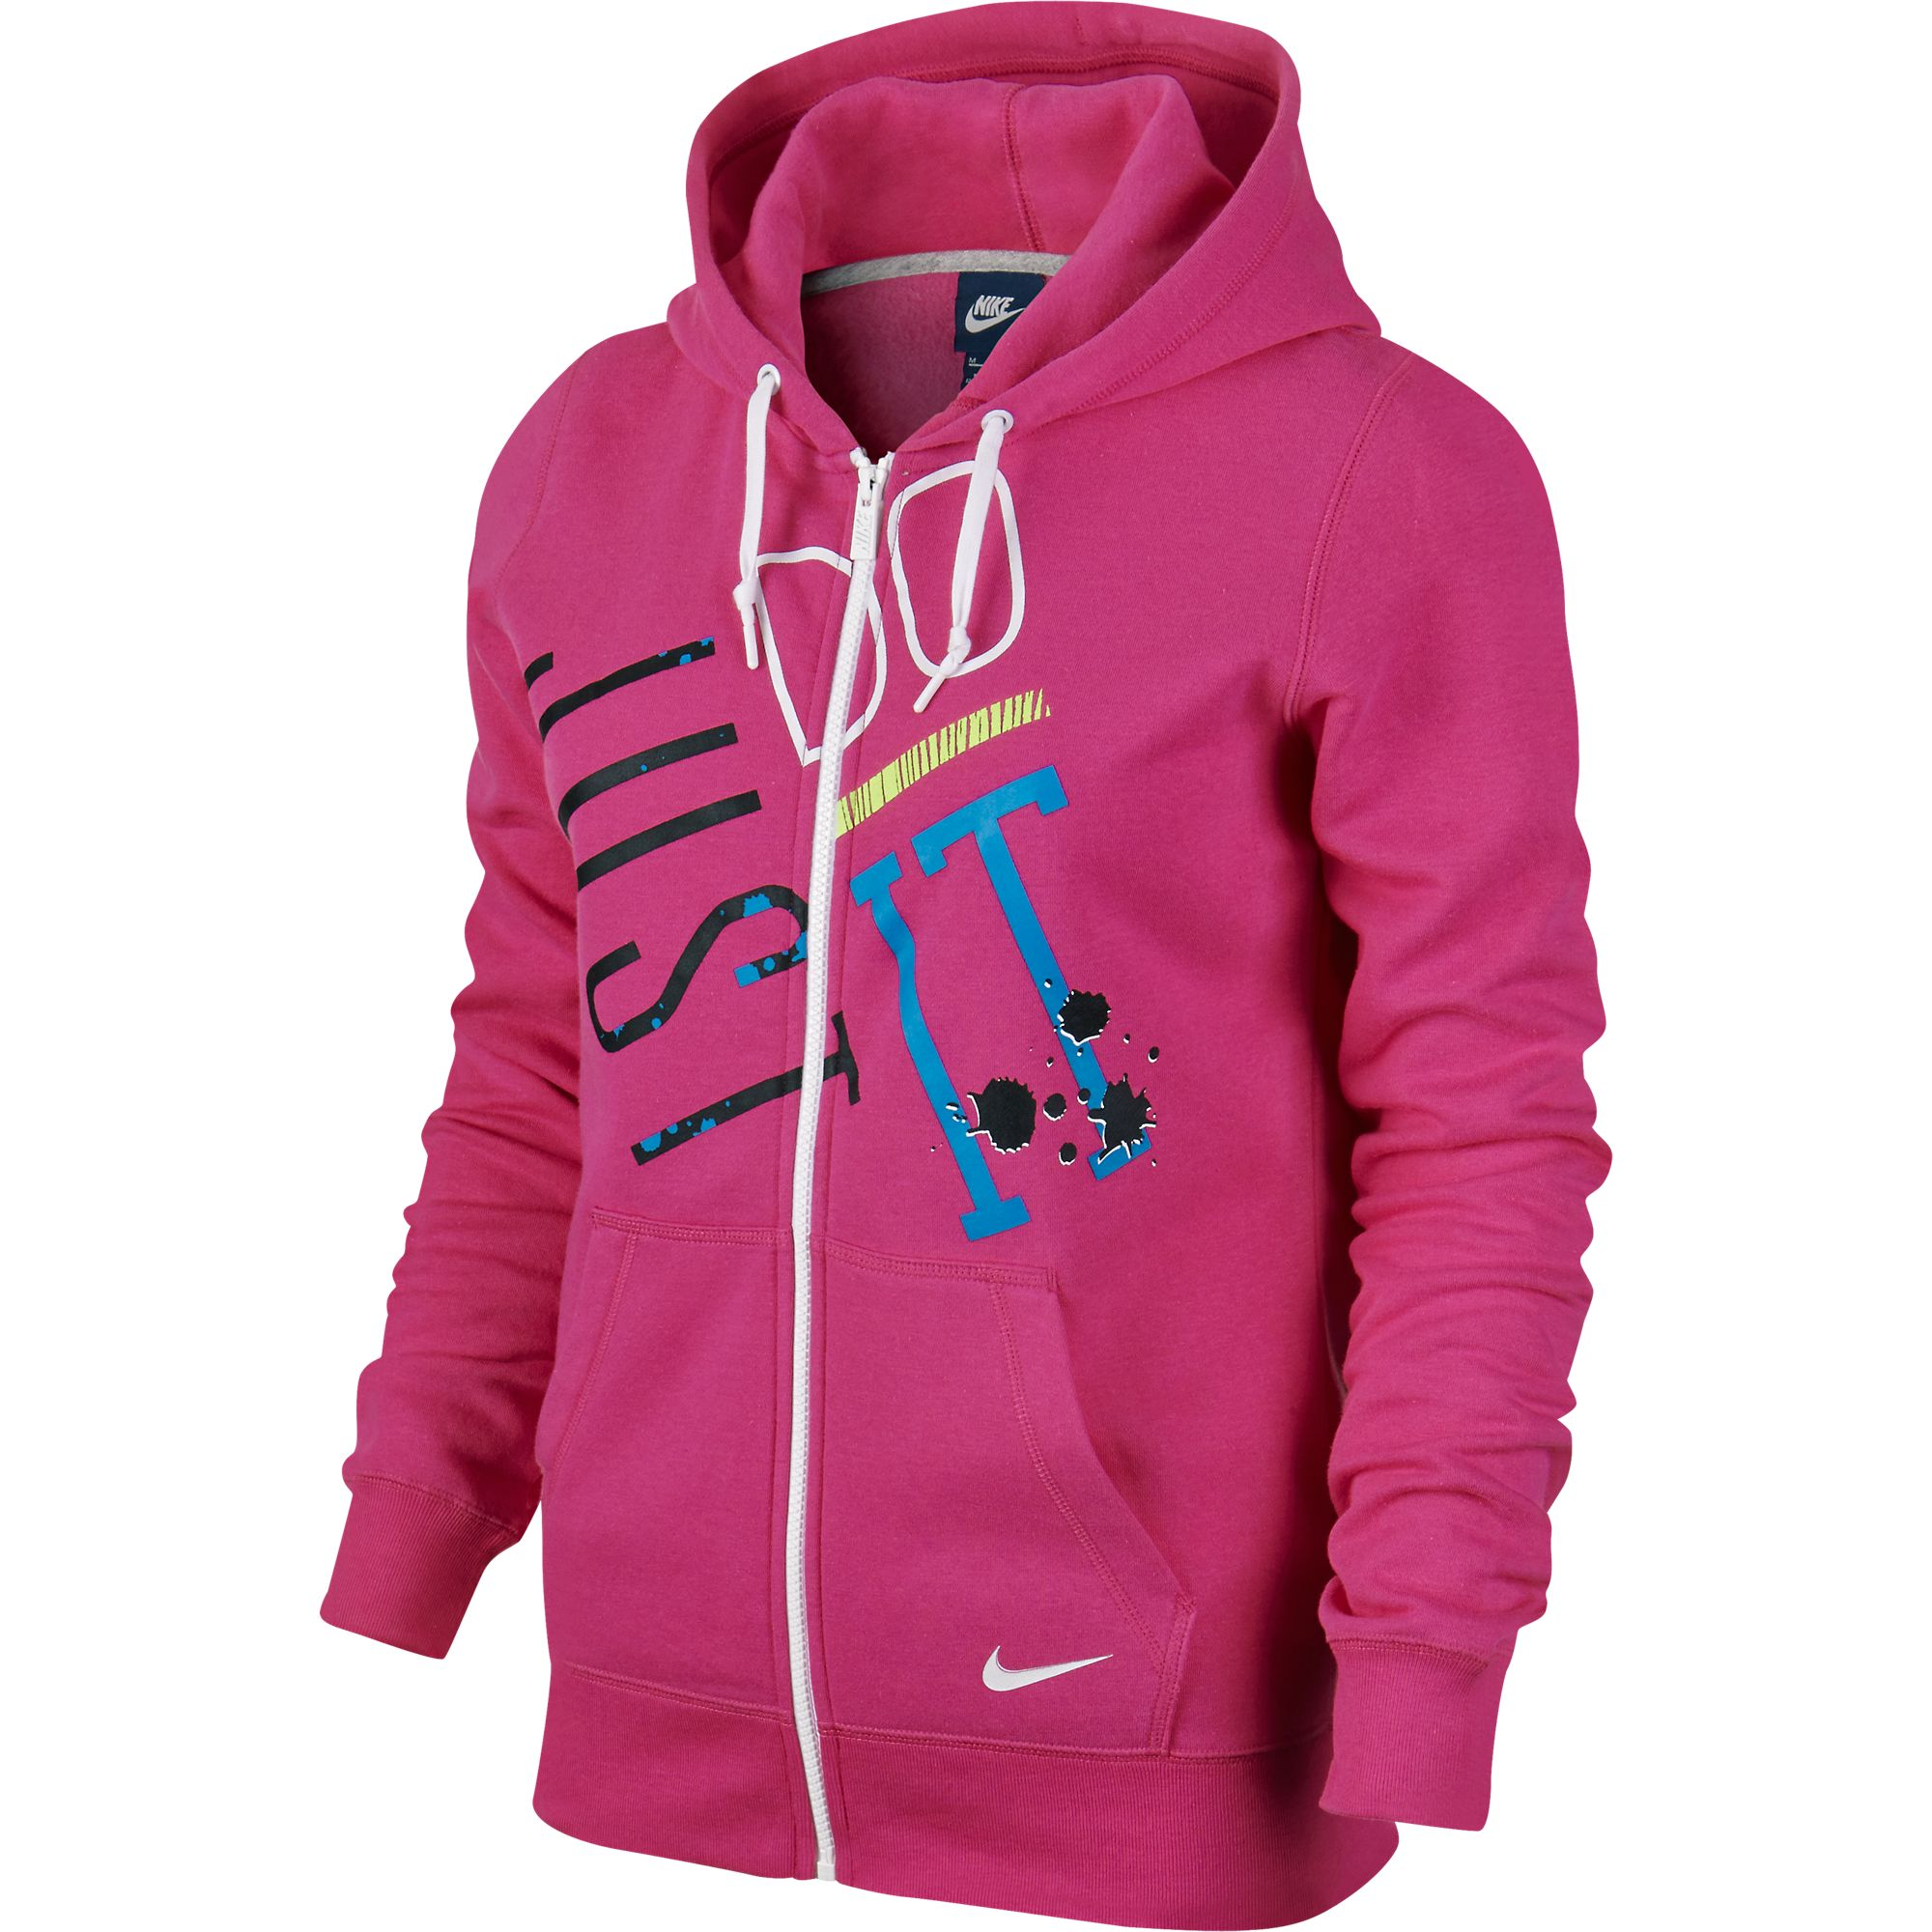 nike womens just do it full zip hoodie pinkblackblue